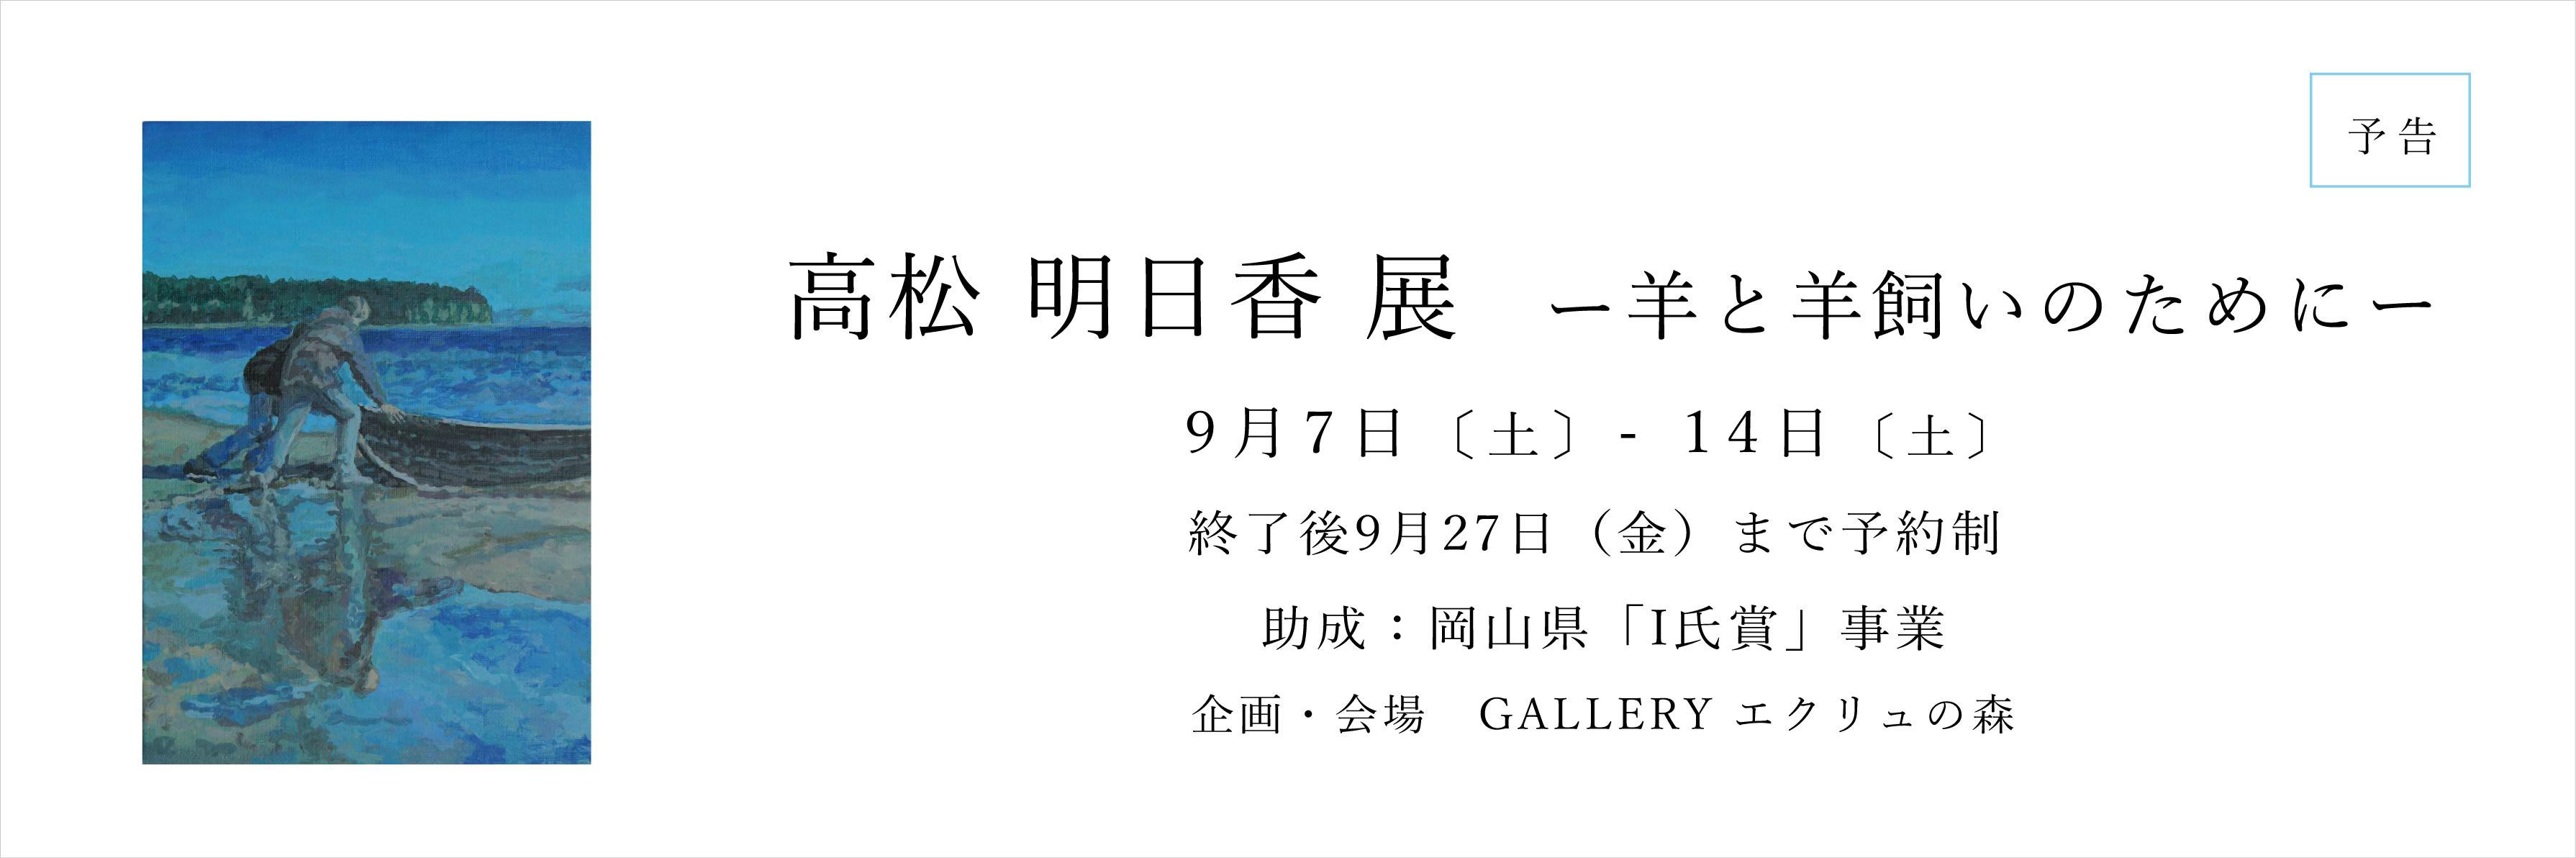 0731banner_takamatusama_jpn